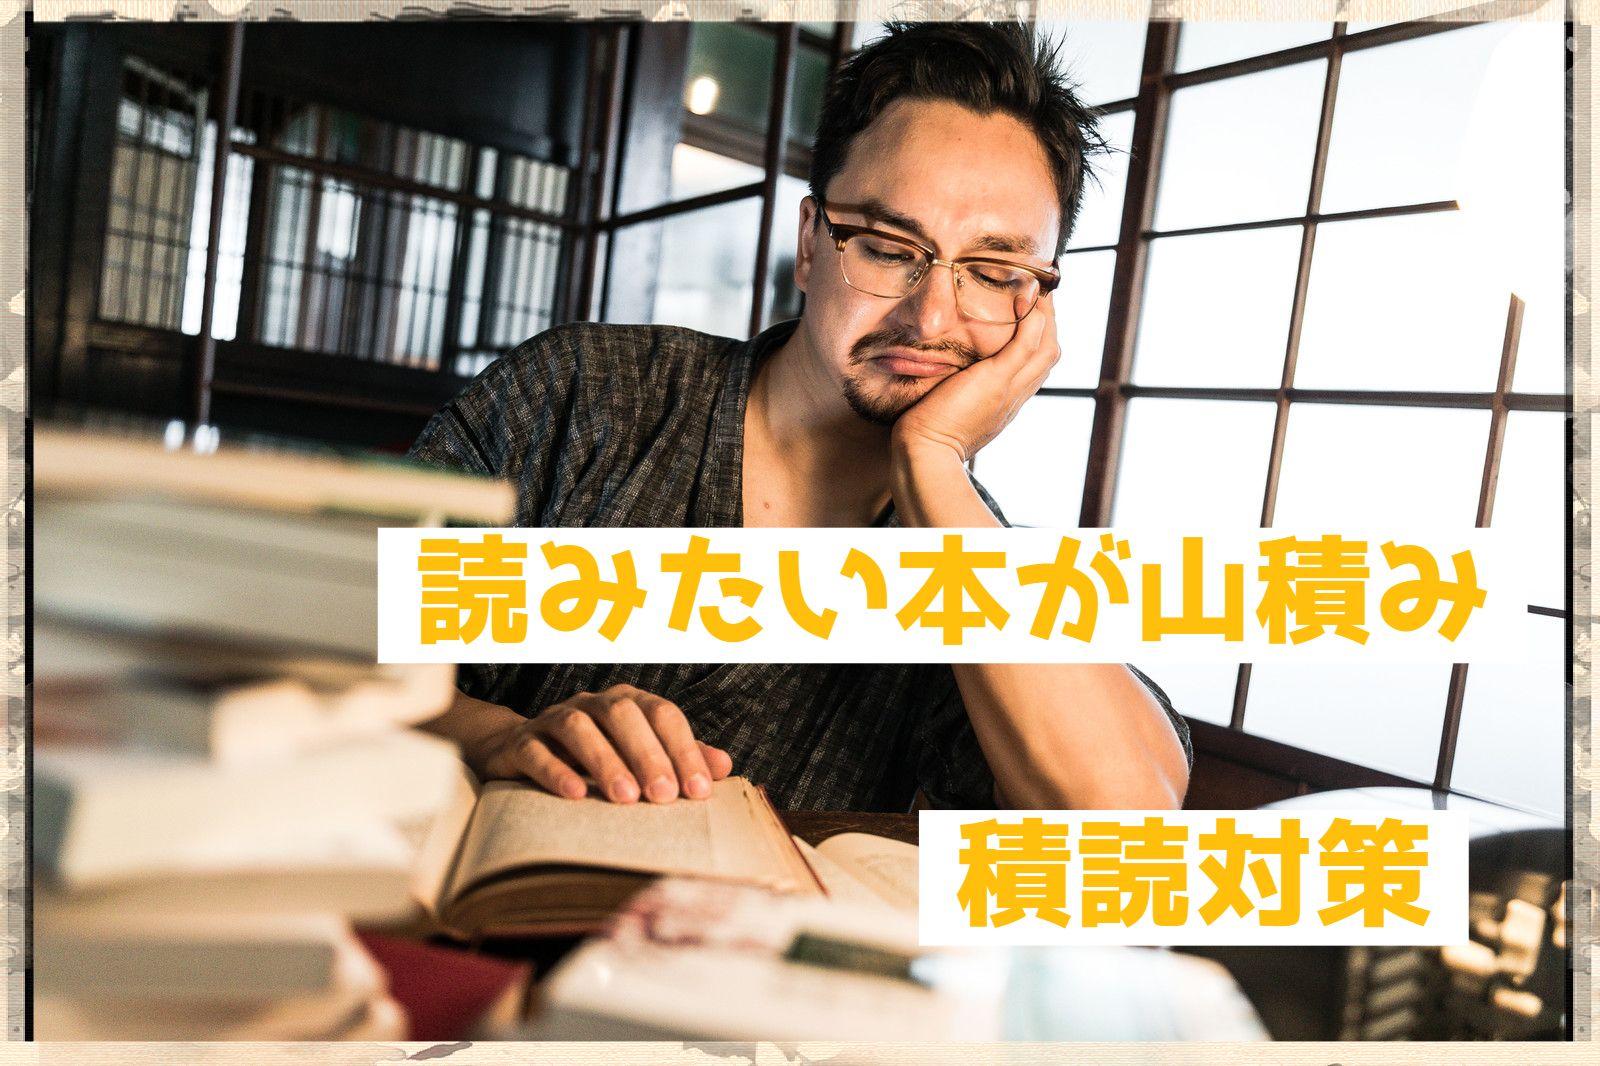 本が山積みになってしまう人への5つの対策【効率的読書・積読対策】